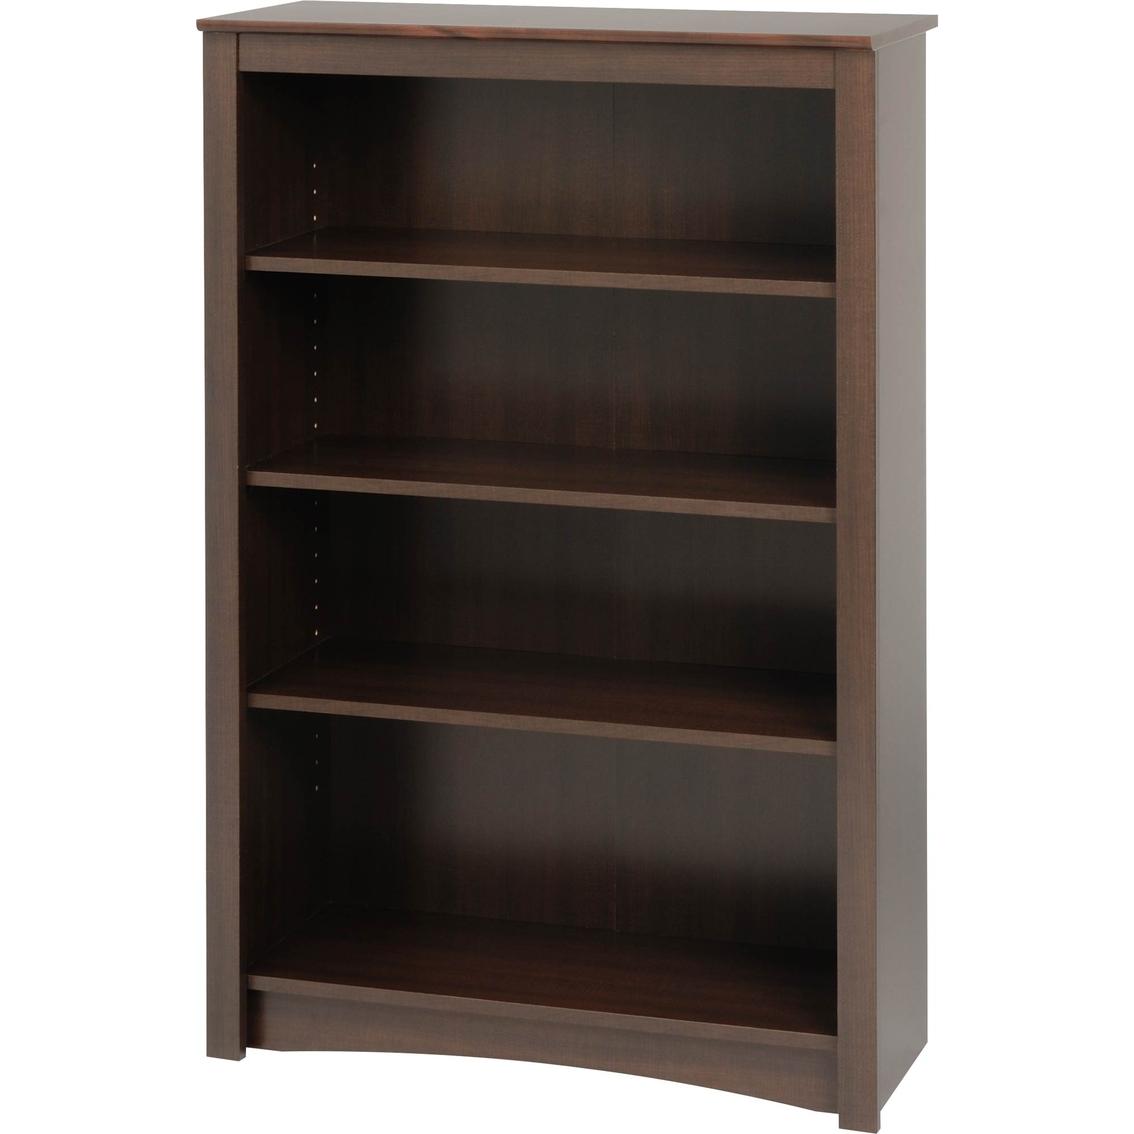 Prepac 4 Shelf Bookcase